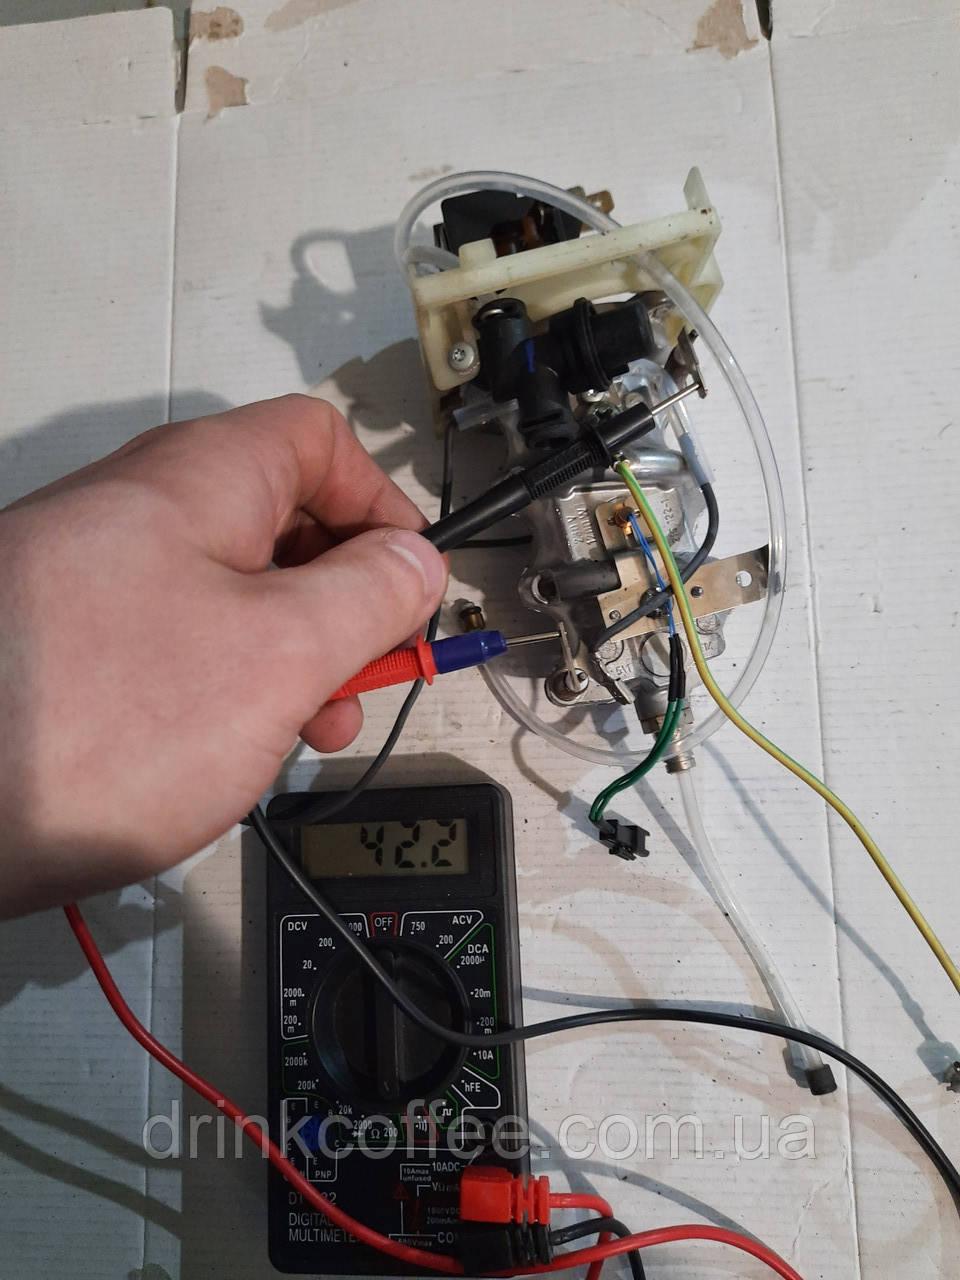 Термоблок кручений 230В/1200 Вт Е-серія для кавоварки AEG CaFamosa CF80 Typ 784 PNC 900081133 б/у